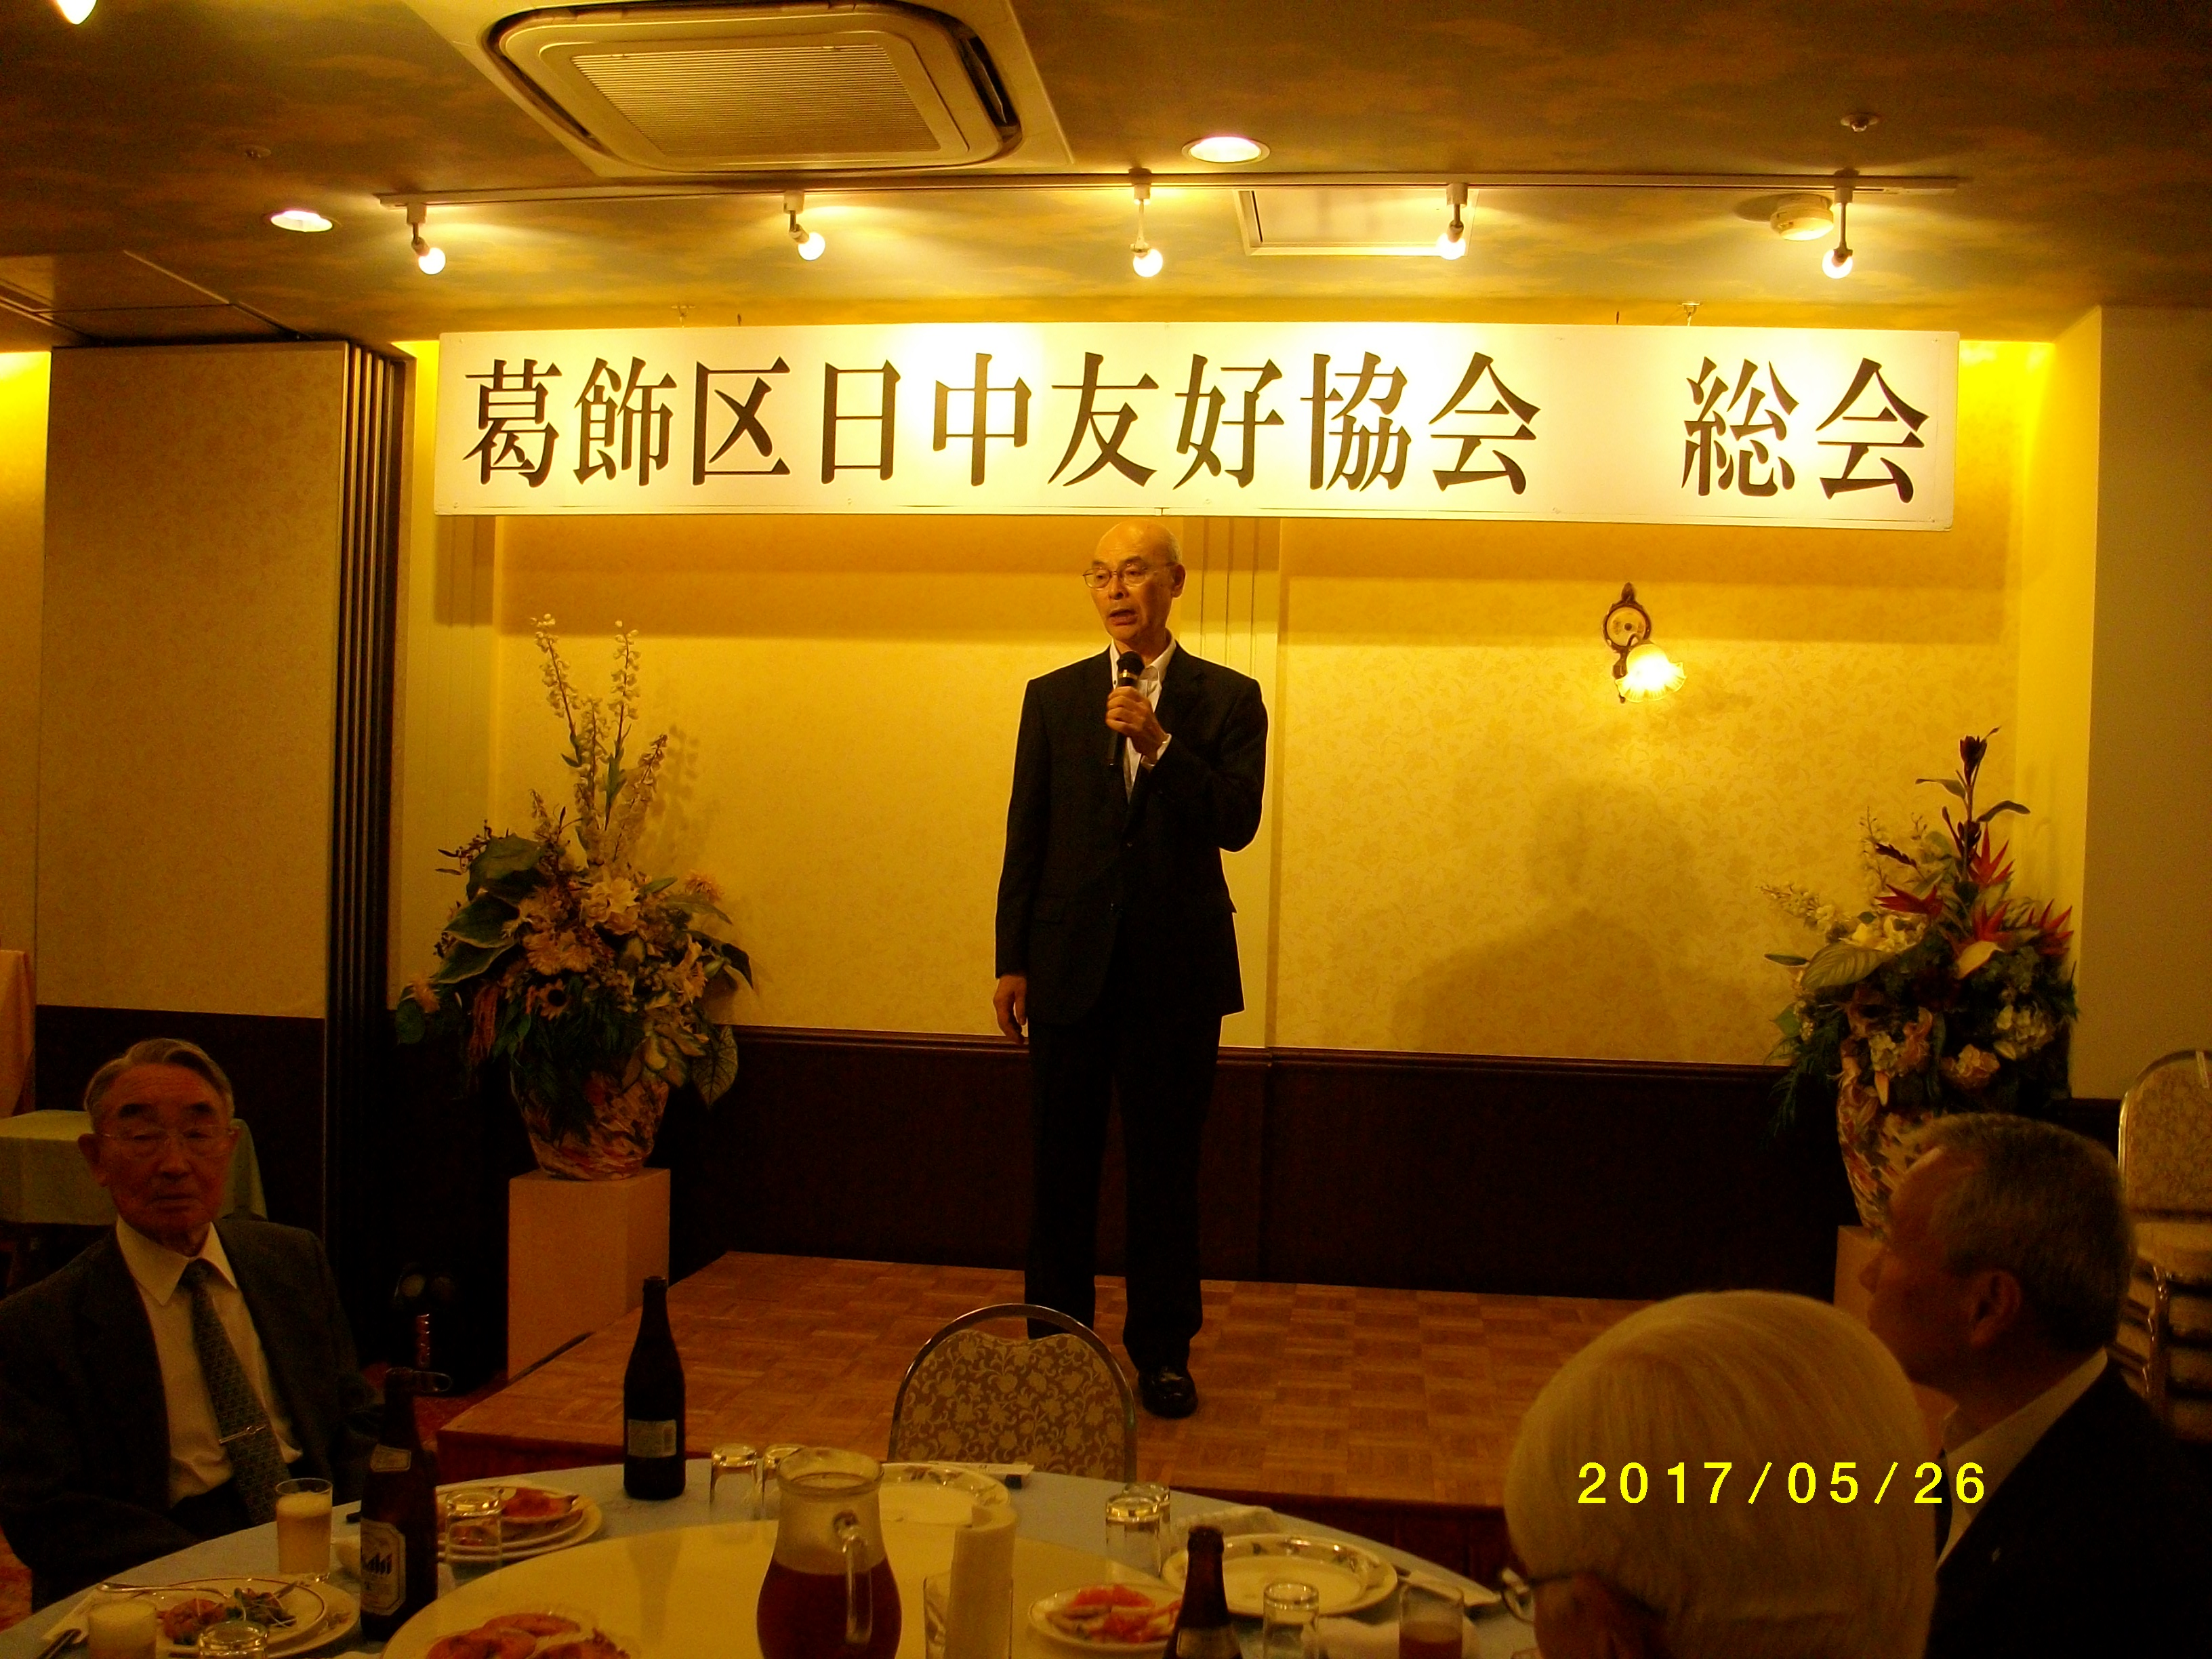 5/26葛飾区日中・北京豊台区と友好都市25周年~積極的な事業計画